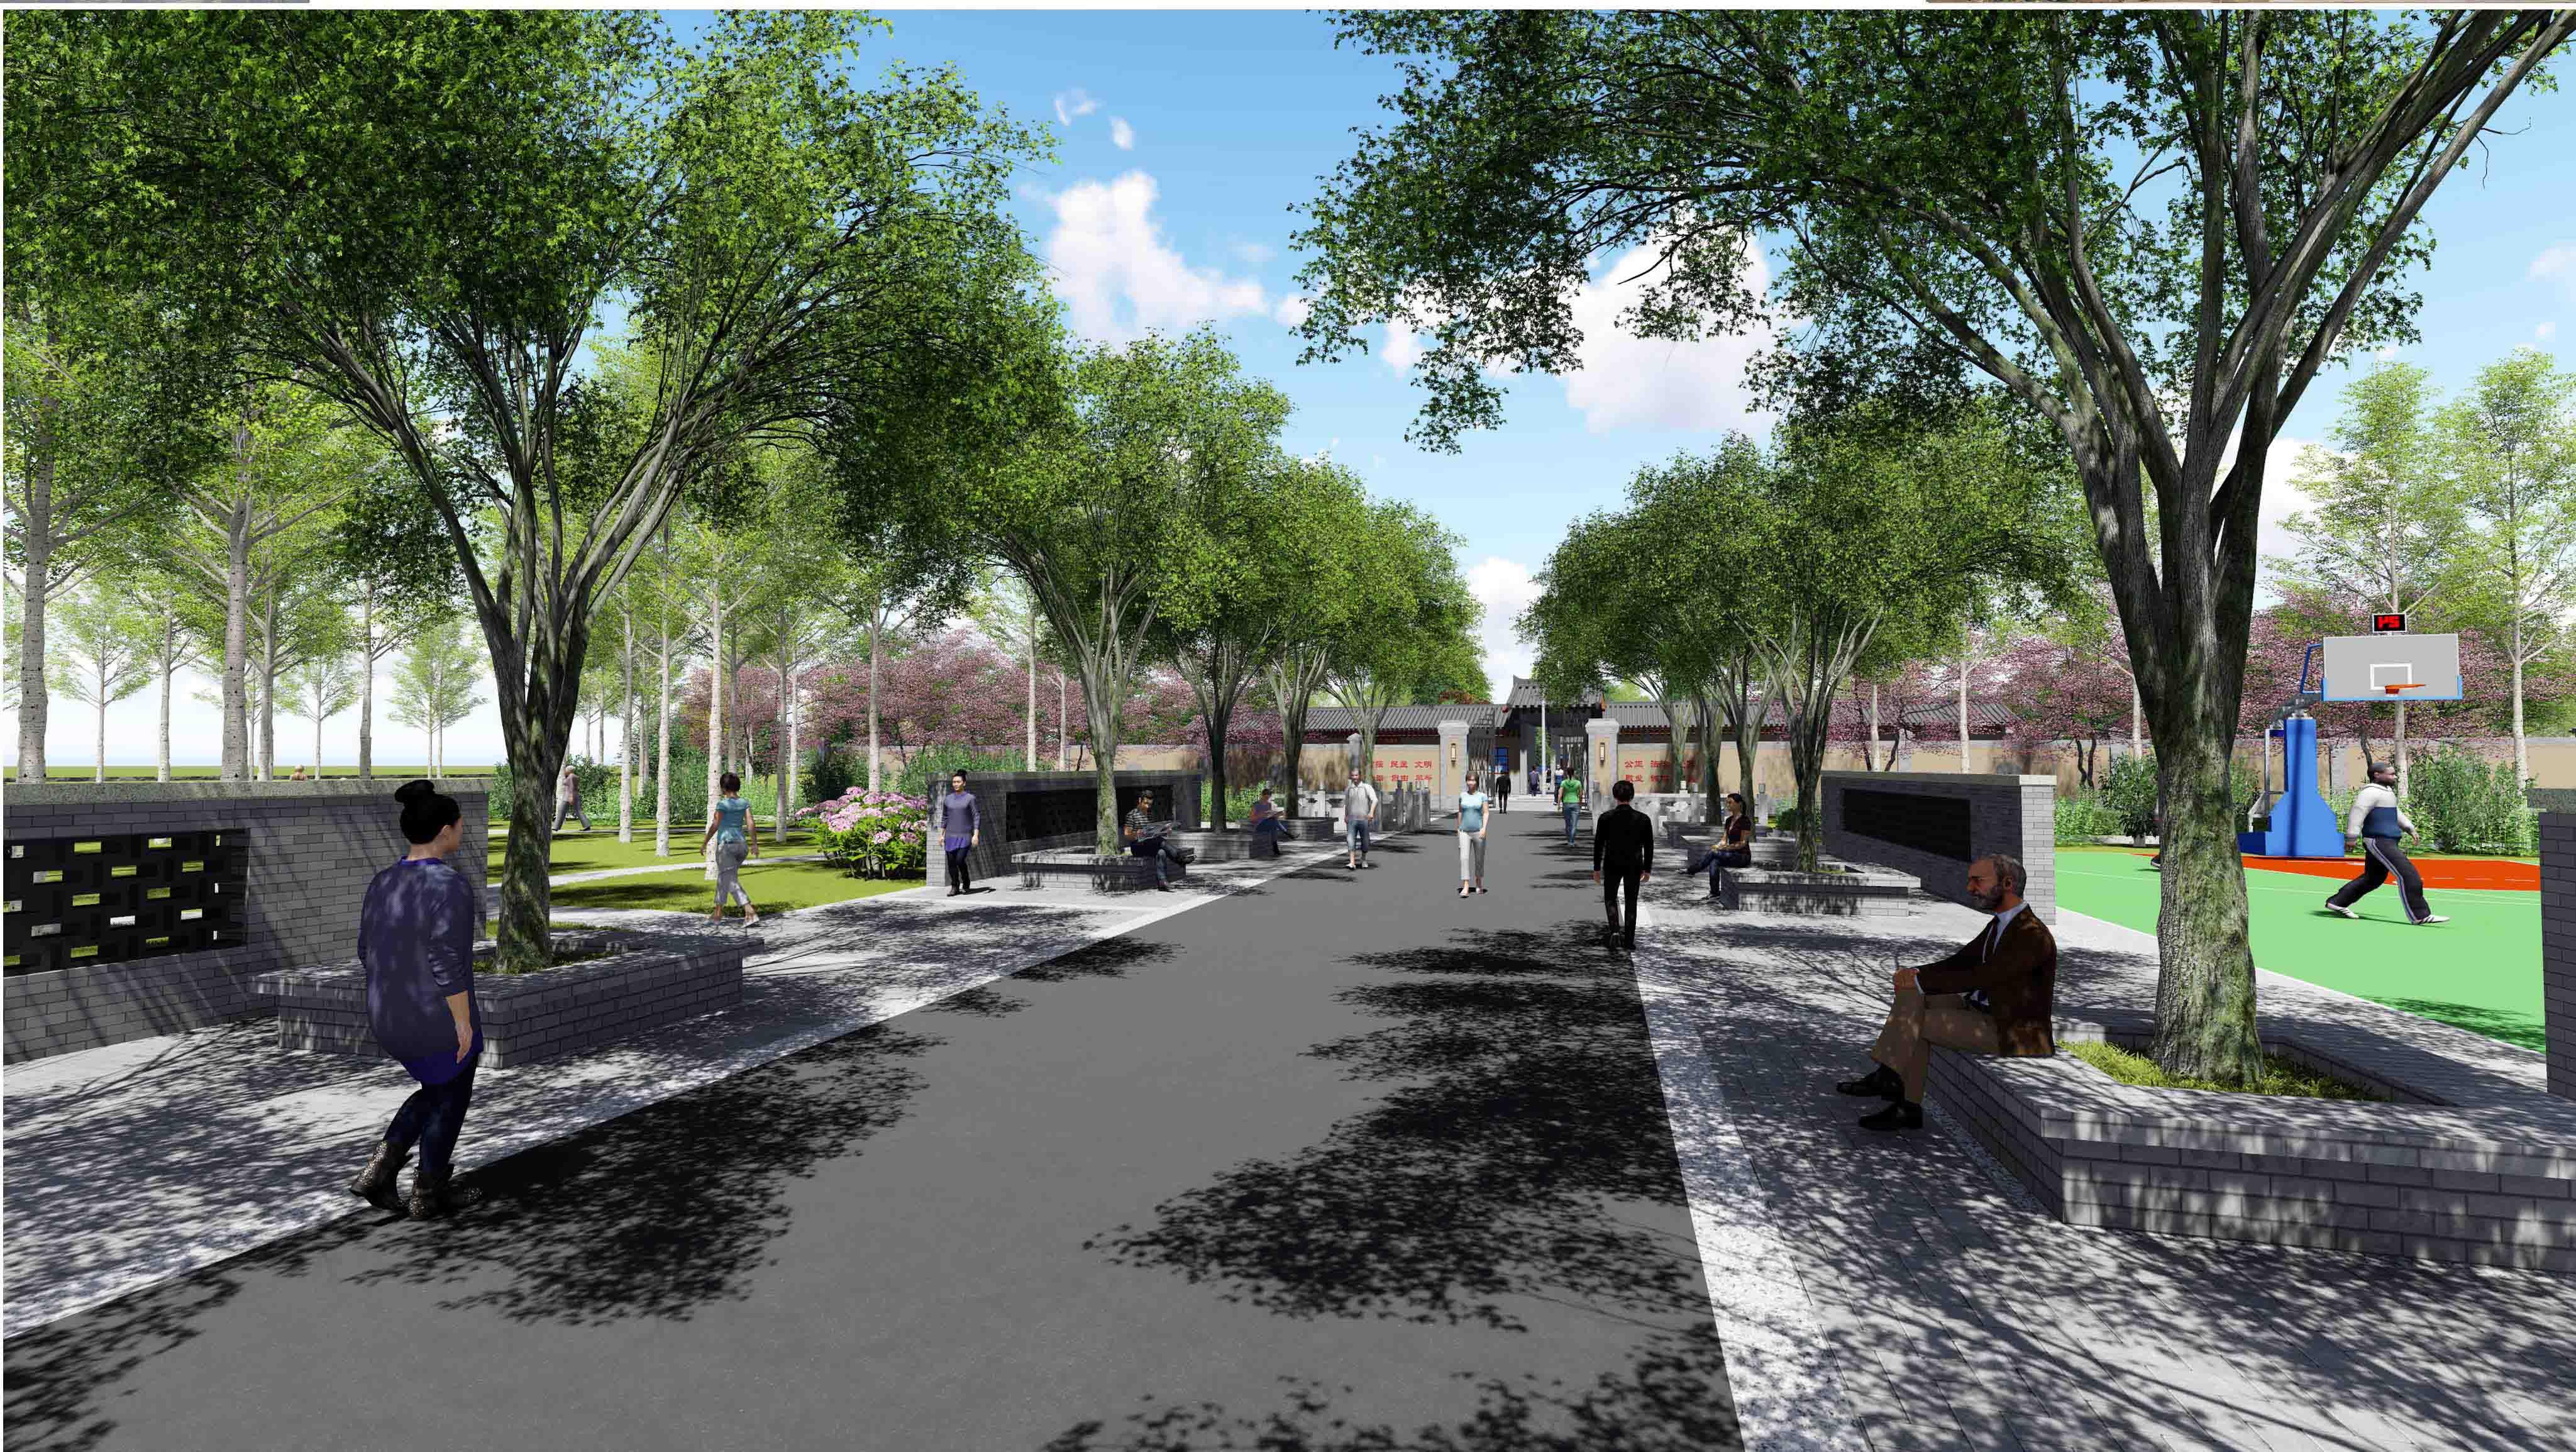 beplay首页城市园林绿化设计哪家好